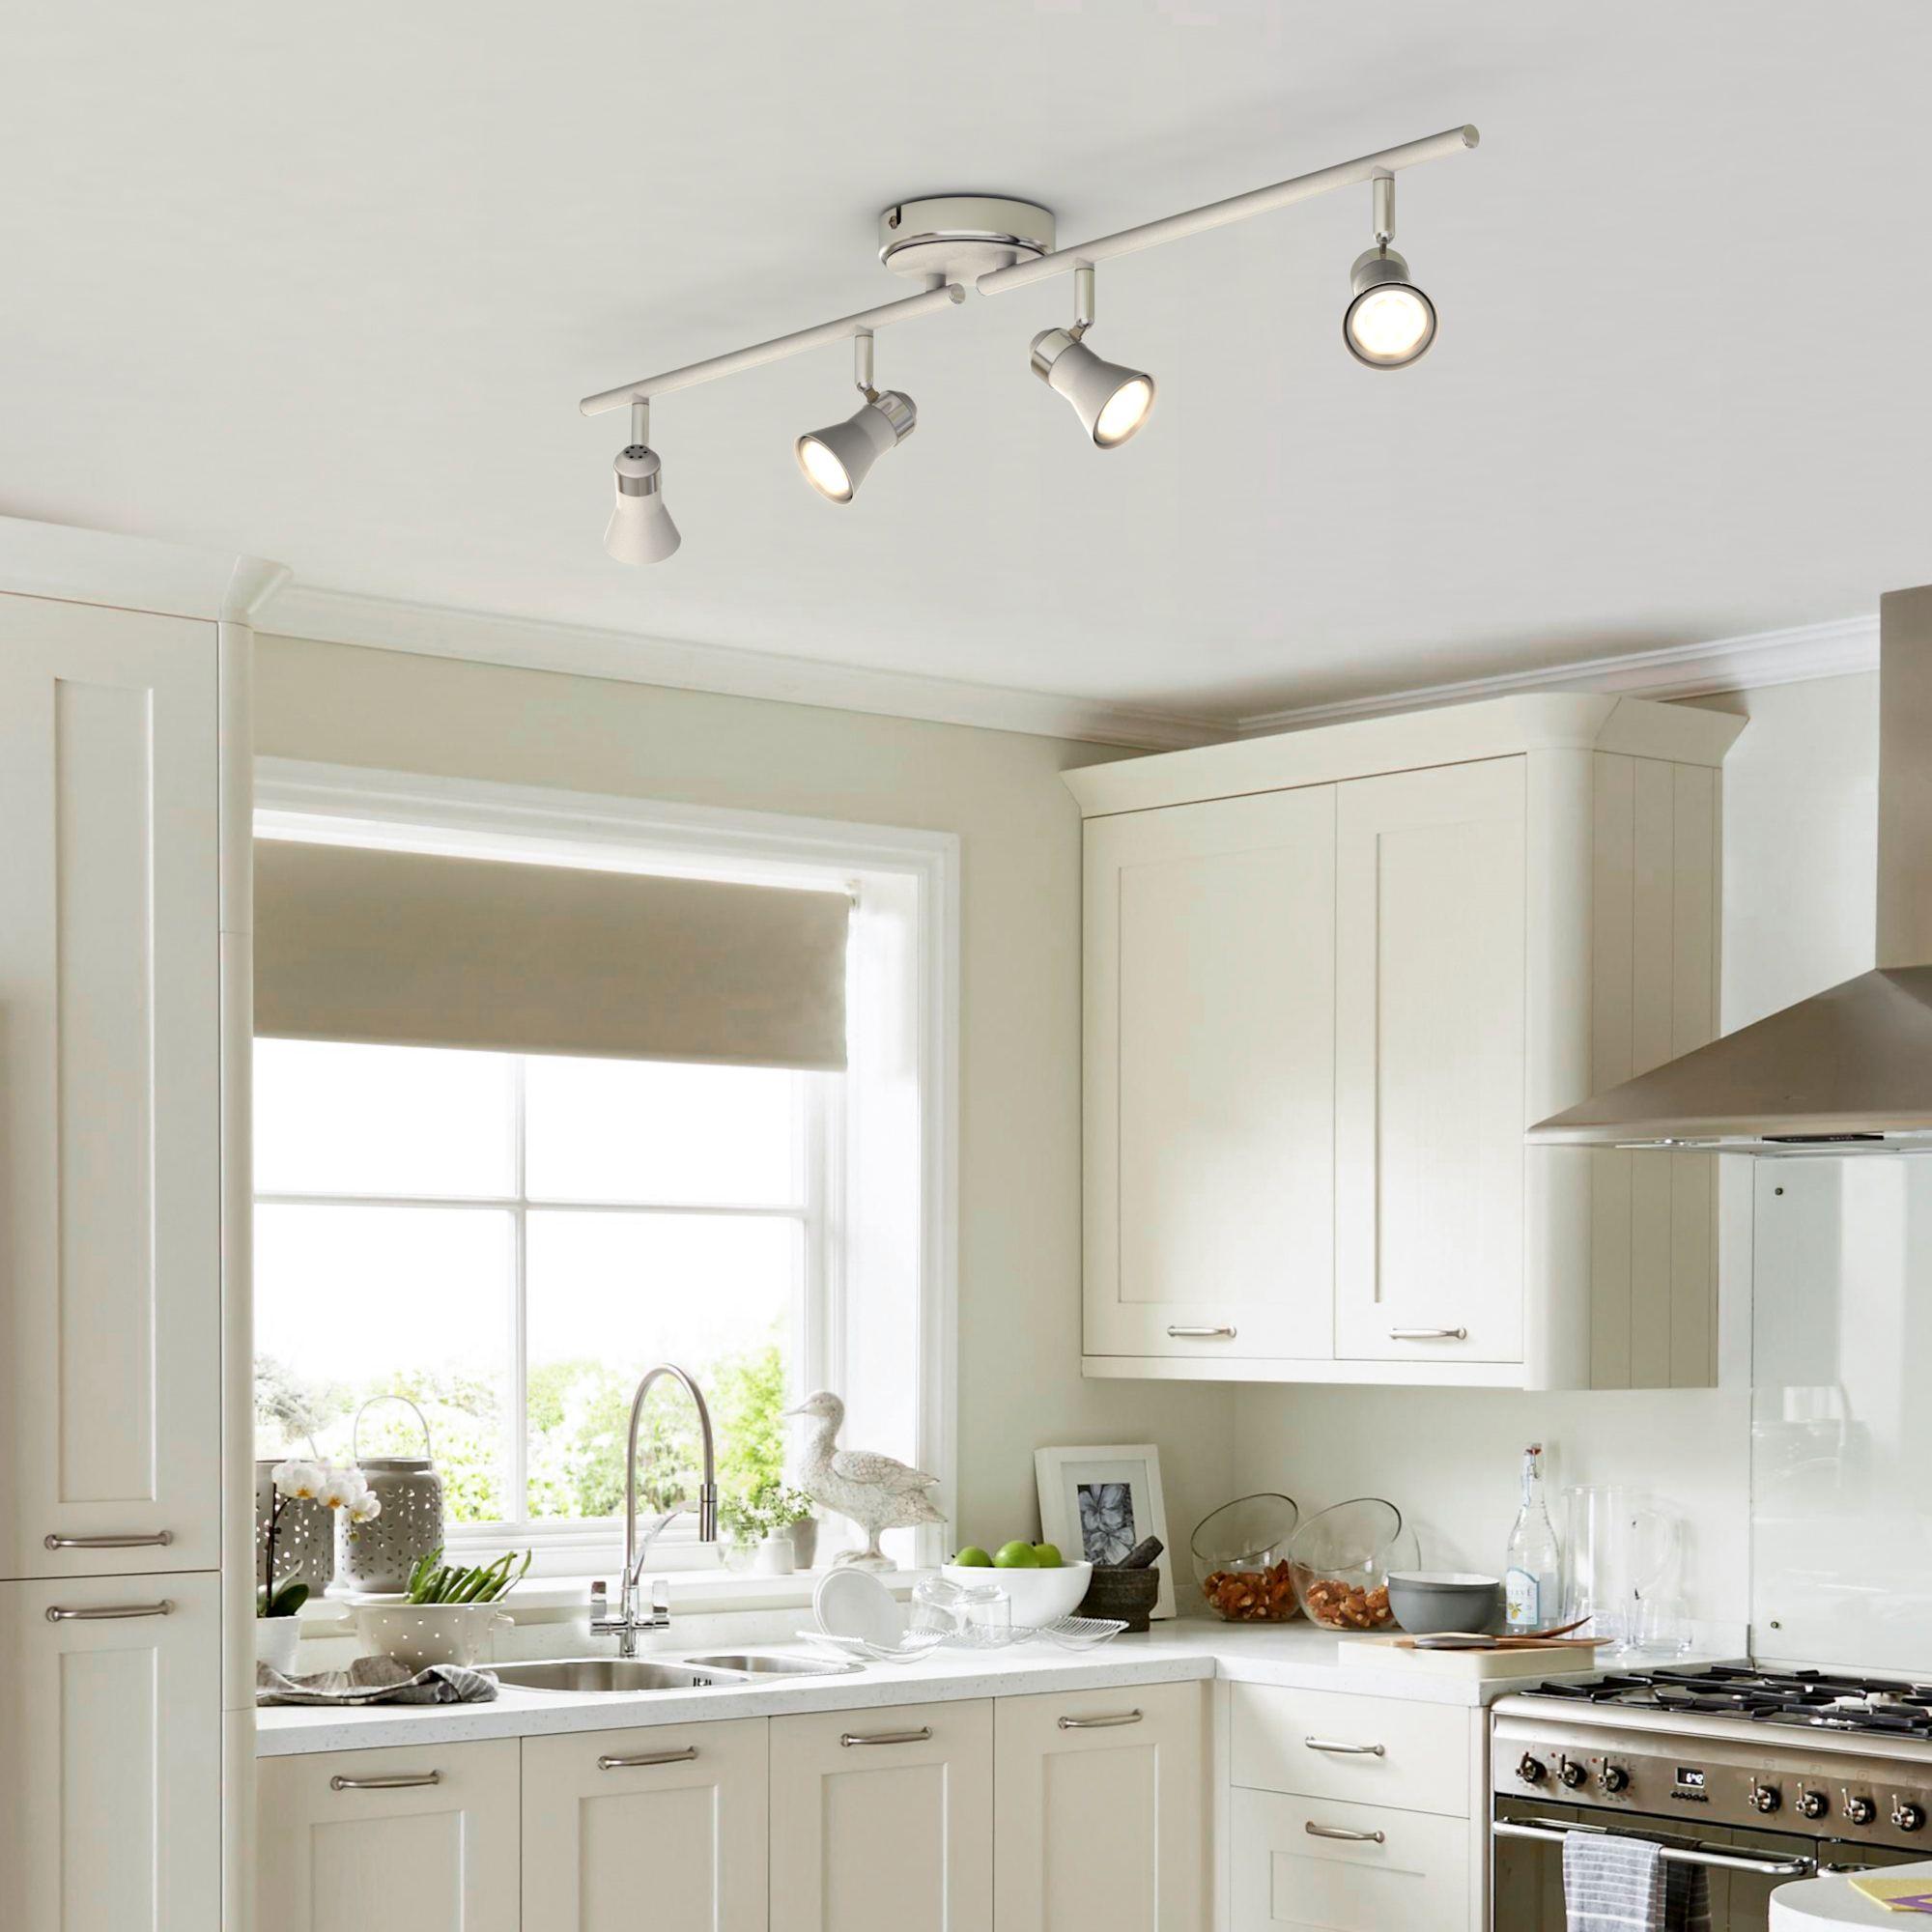 kitchen lights kitchen ceiling lights spotlights rh diy com kitchen ceiling lighting images kitchen ceiling lighting home depot